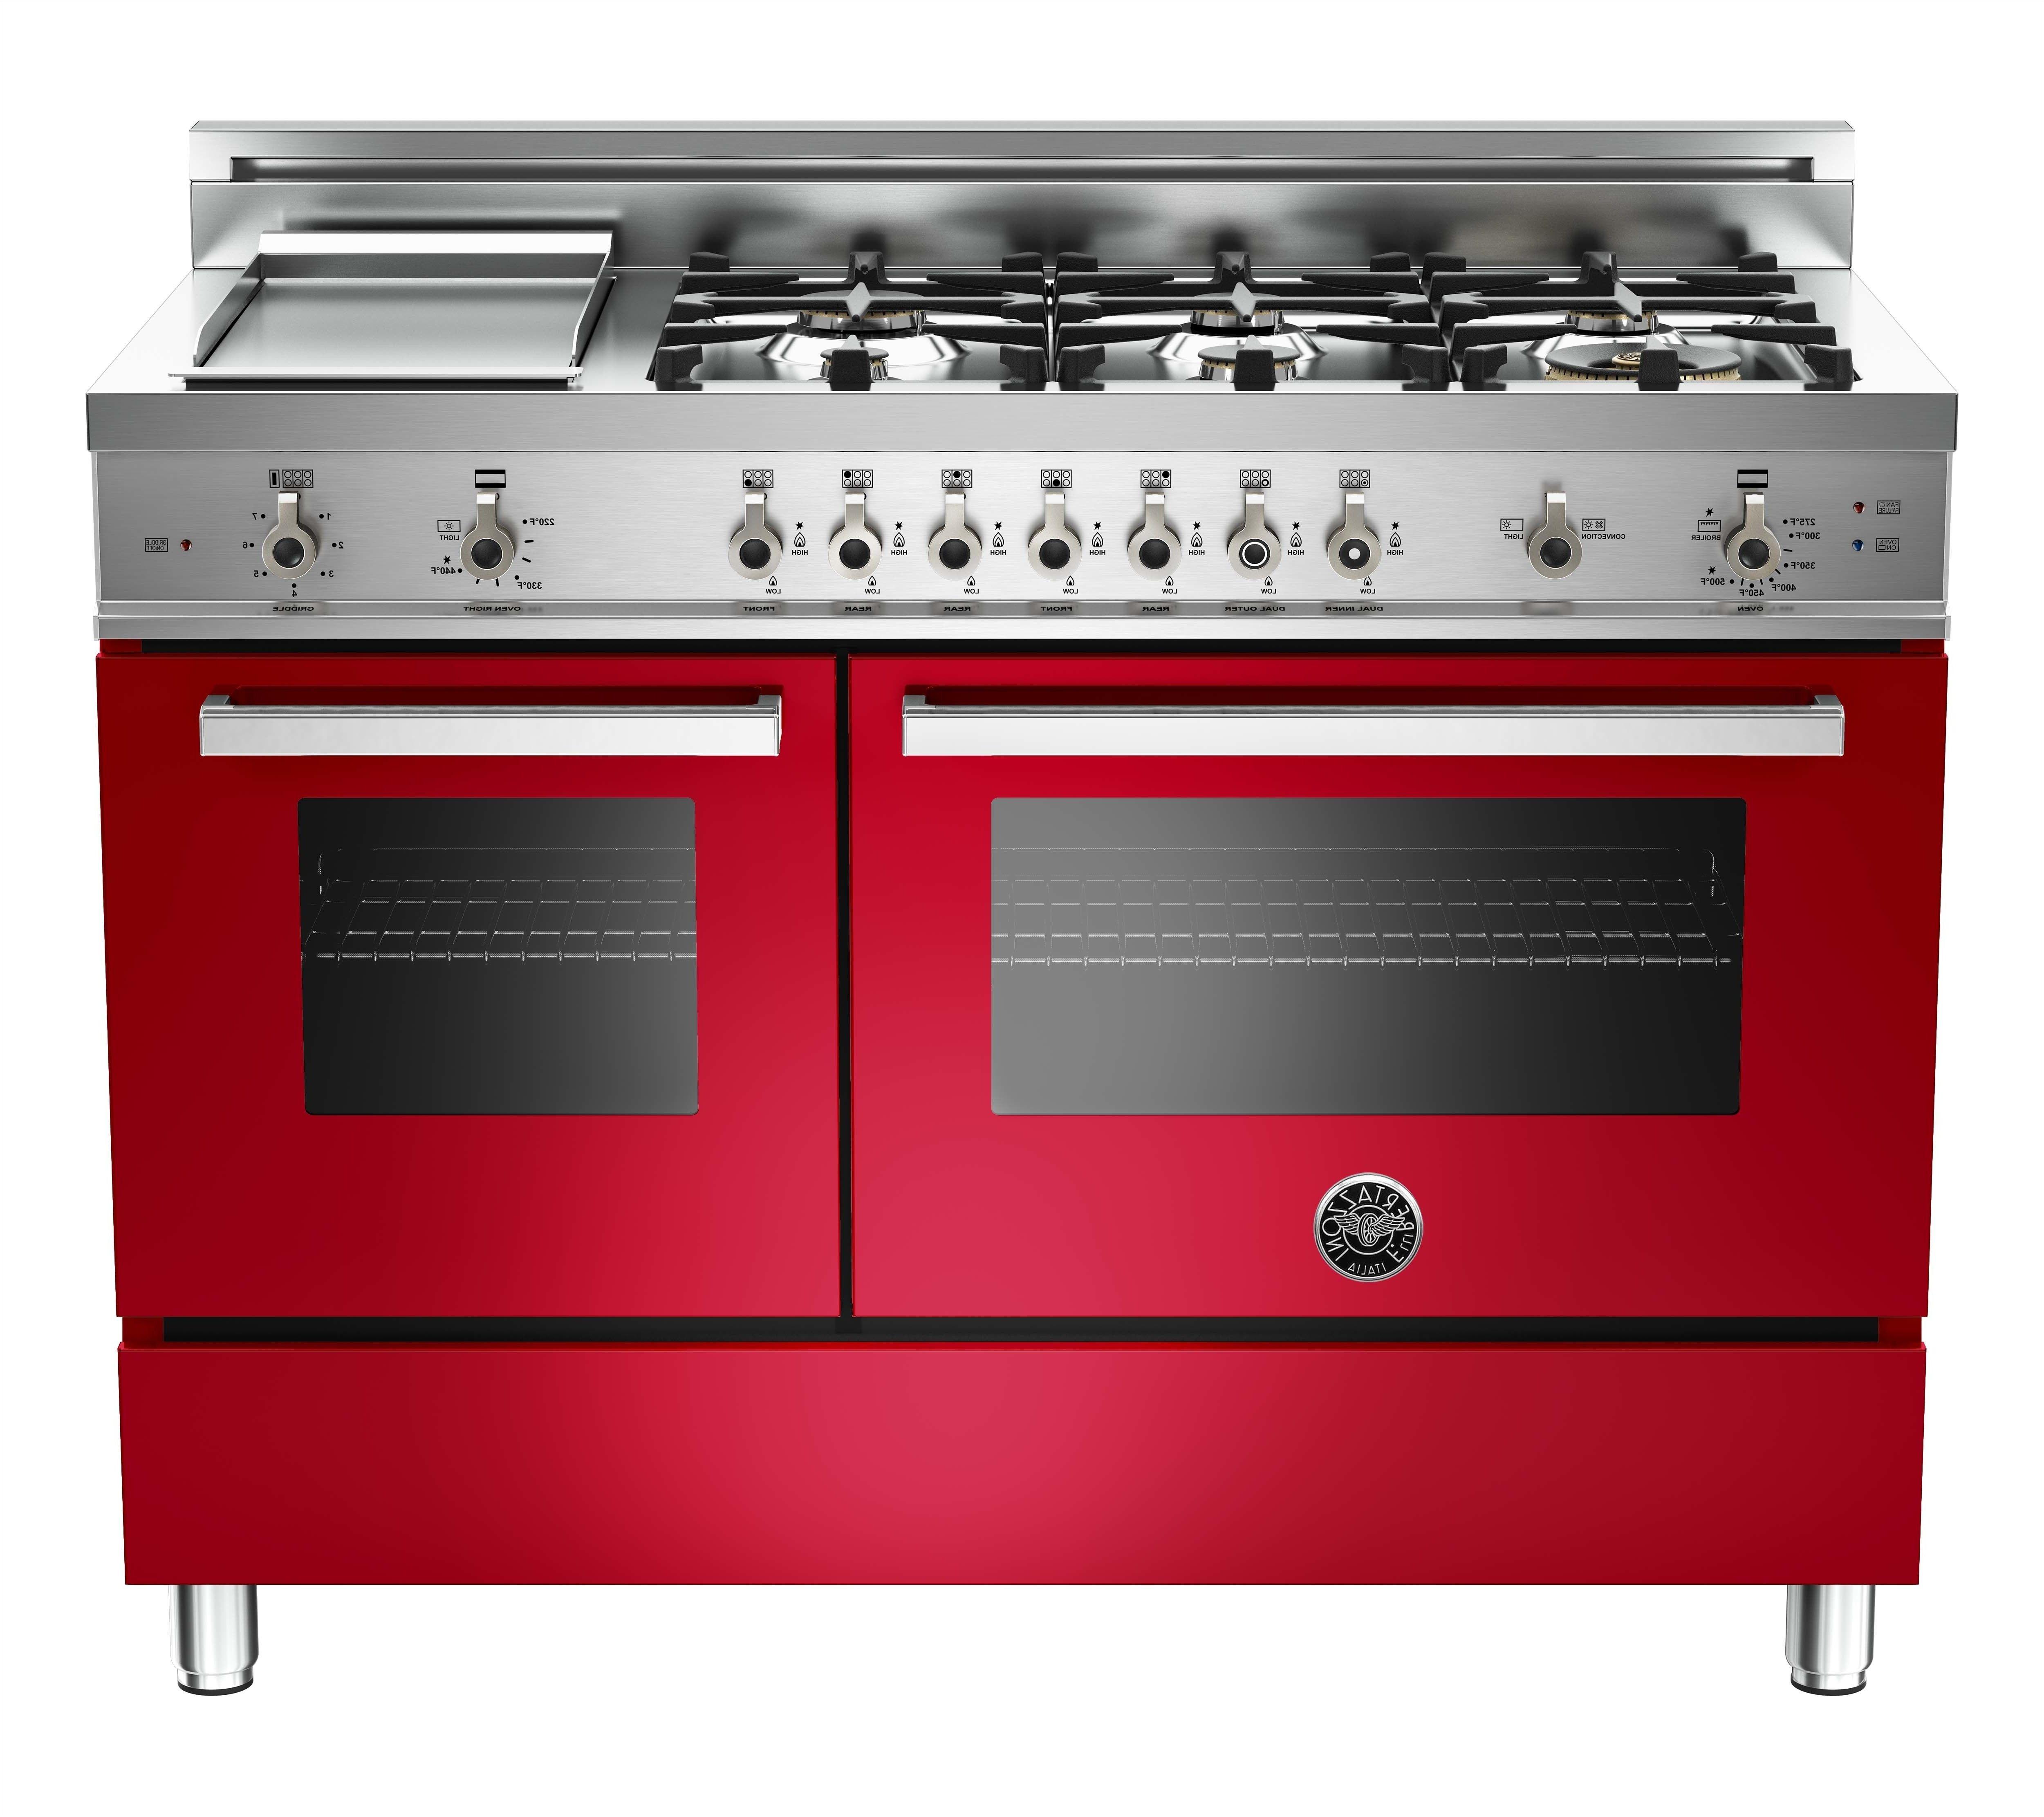 best luxury appliance brands photos architectural digest ...